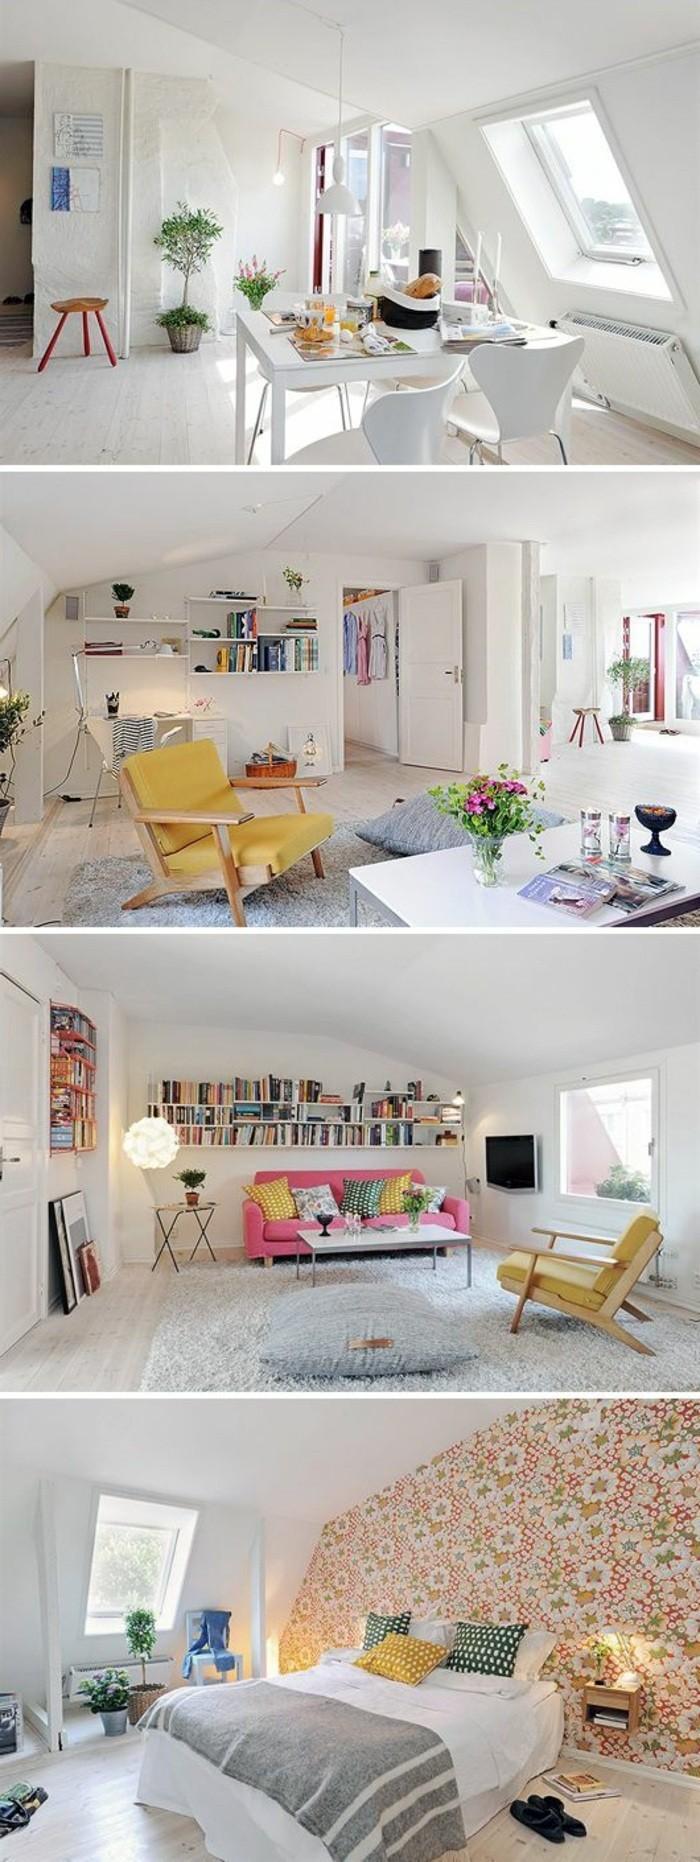 wohnung-einrichten-ideen-bett-tapeten-tisch-stuhle-regale-roter-sofa